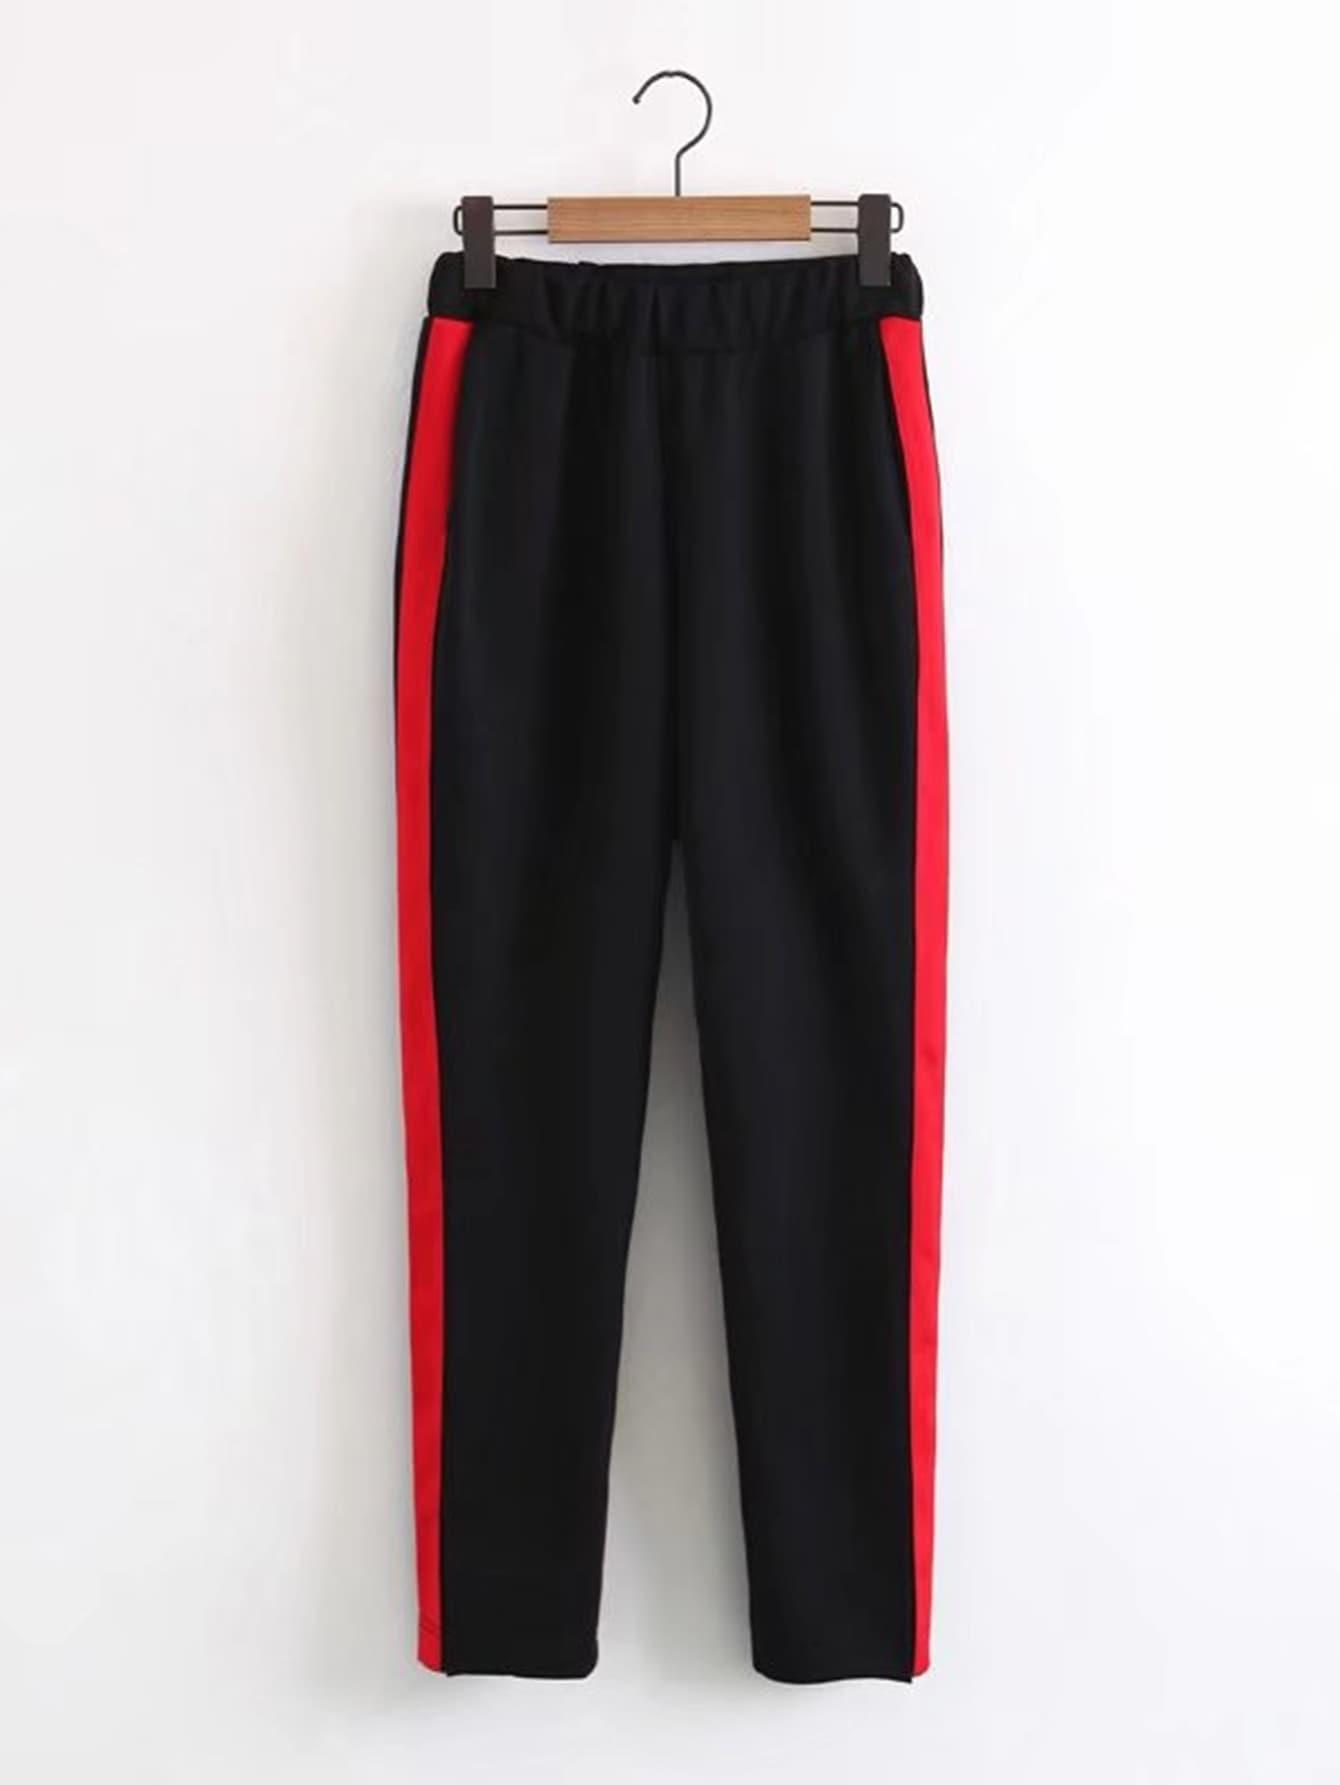 Contrast Tape Sweatpants pants171024203